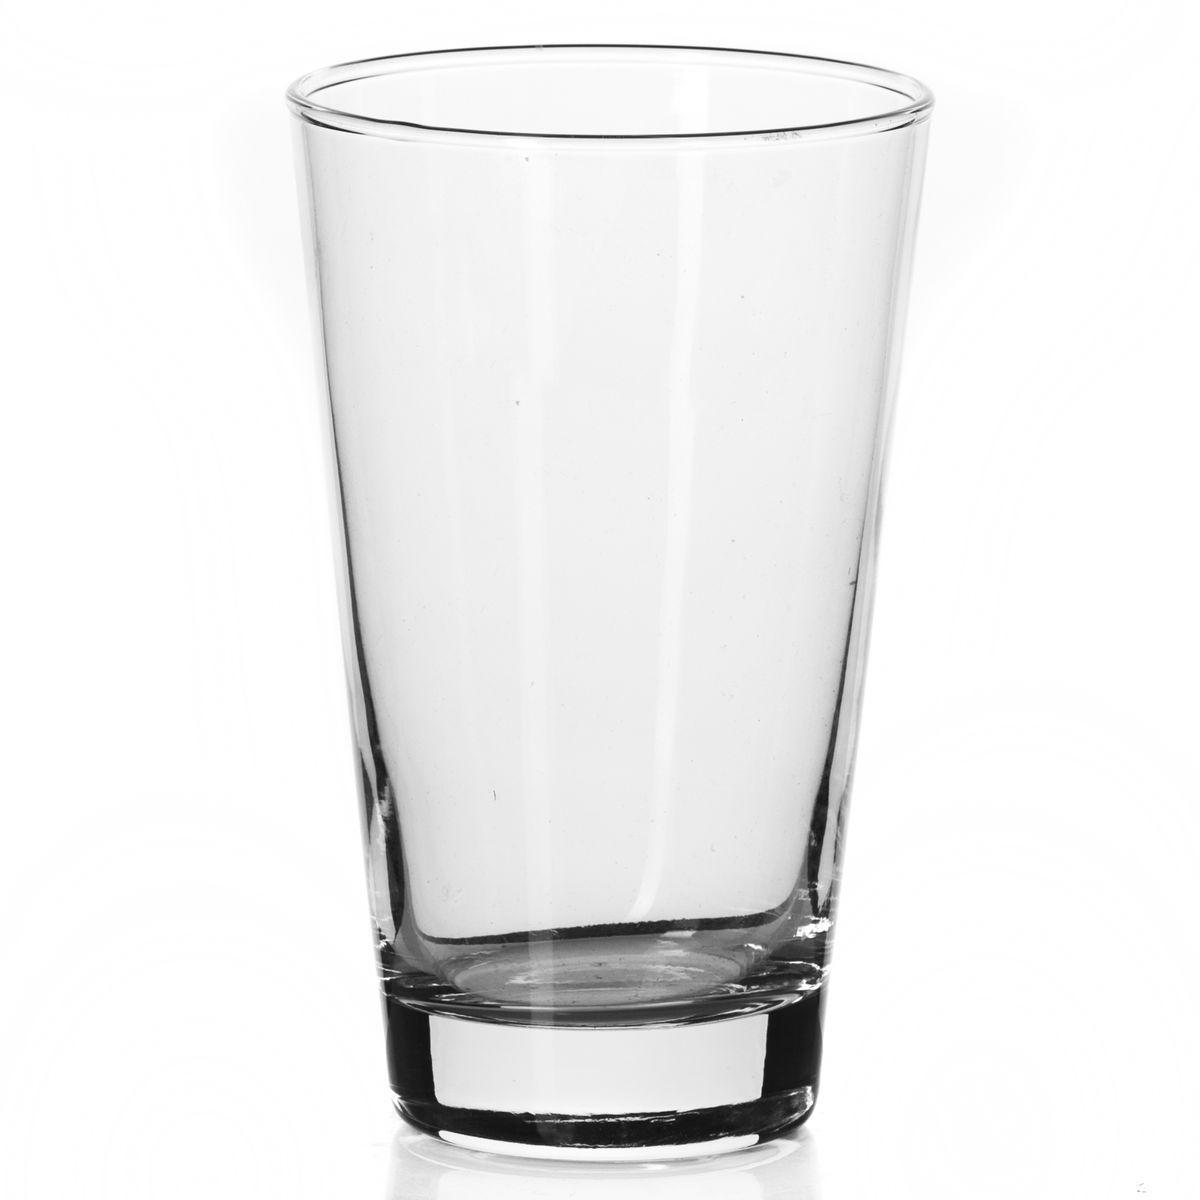 Набор стаканов для коктейлей Pasabahce Izmir, 400 мл, 6 штVT-1520(SR)Набор Pasabahce Izmir, состоящий из шести высоких стаканов, несомненно, придется вам по душе. Стаканы предназначены для подачи коктейлей, сока, воды и других напитков. Они изготовлены из прочного высококачественного прозрачного стекла и имеют толстое дно. Стаканы сочетают в себе элегантный дизайн и функциональность. Благодаря такому набору пить напитки будет еще вкуснее.Набор стаканов Pasabahce Izmir идеально подойдет для сервировки стола и станет отличным подарком к любому празднику.Диаметр стакана по верхнему краю: 8 см.Высота стакана: 13,5 см.Диаметр основания стакана: 5,3 см.